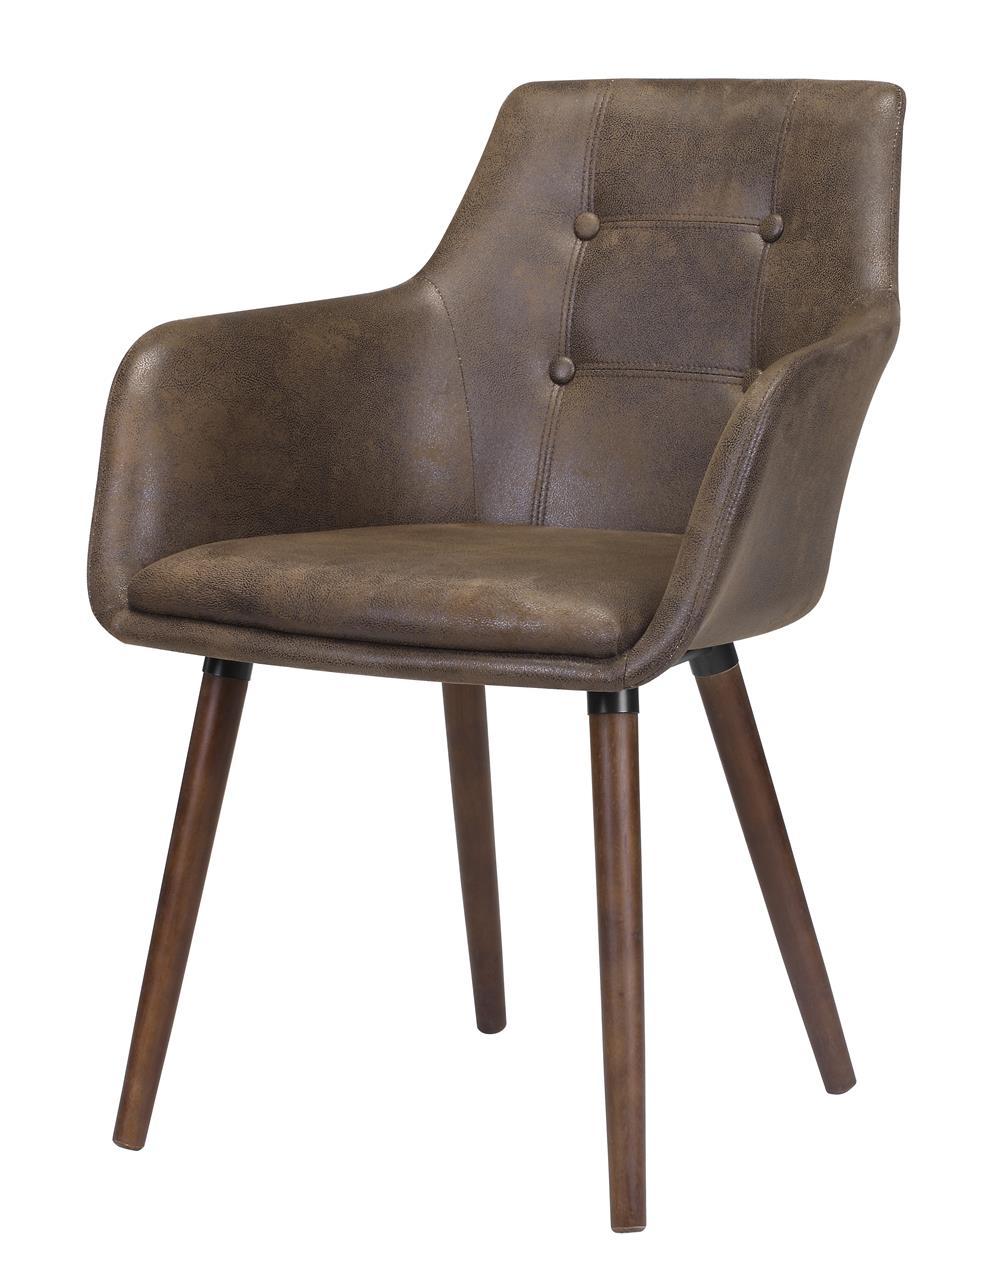 Scaun tapitat cu piele ecologica si picioare din lemn Johannesburg Maro, l56,5xA57,5xH81 cm